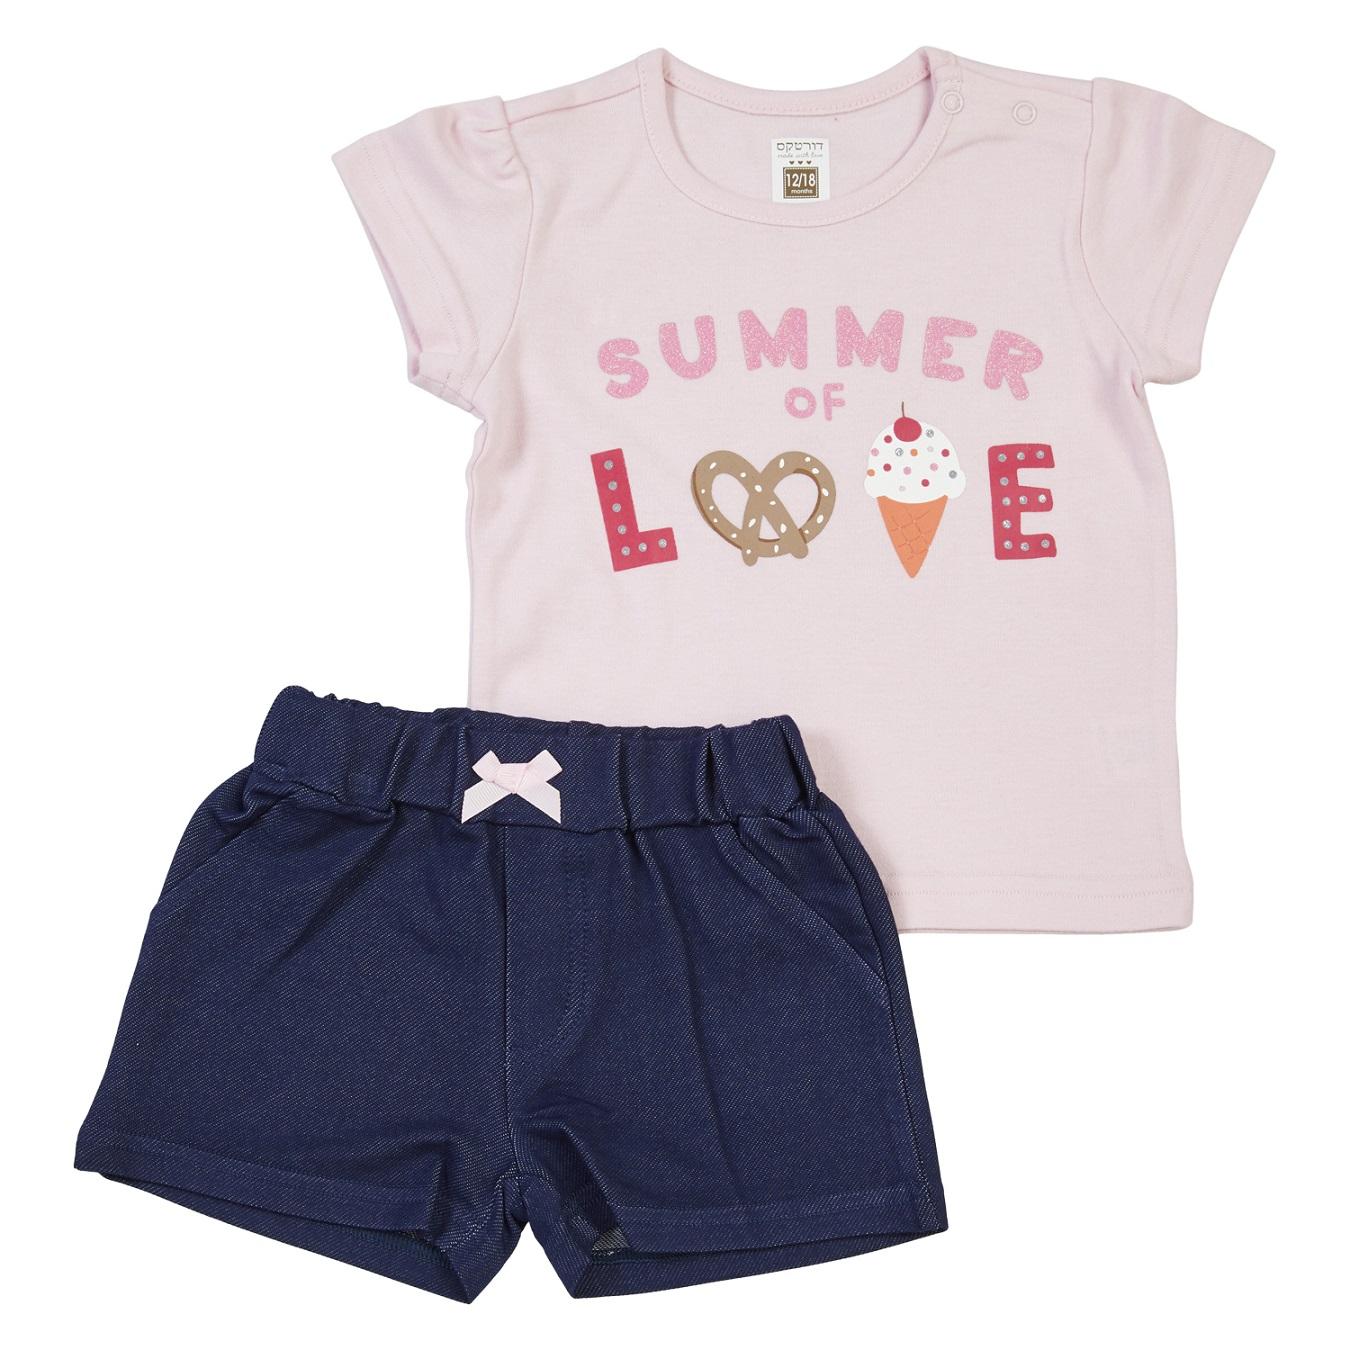 חליפה אהבת קיץ ורוד בהיר